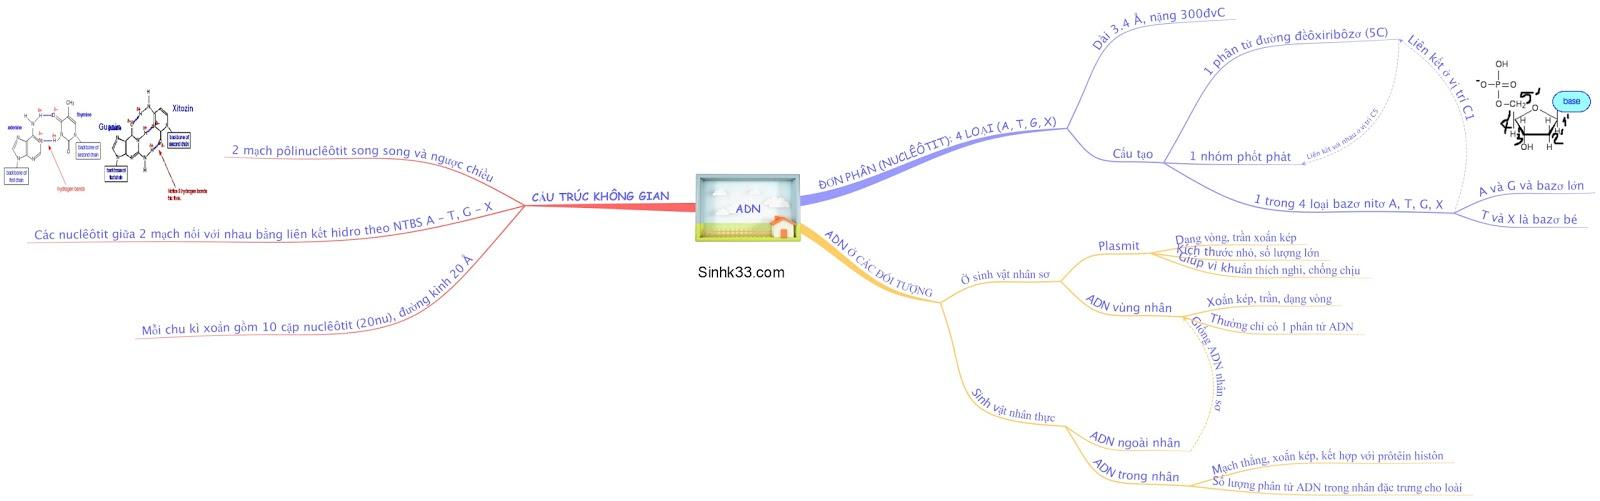 Sơ đồ tư duy sinh học 12: cấu trúc adn